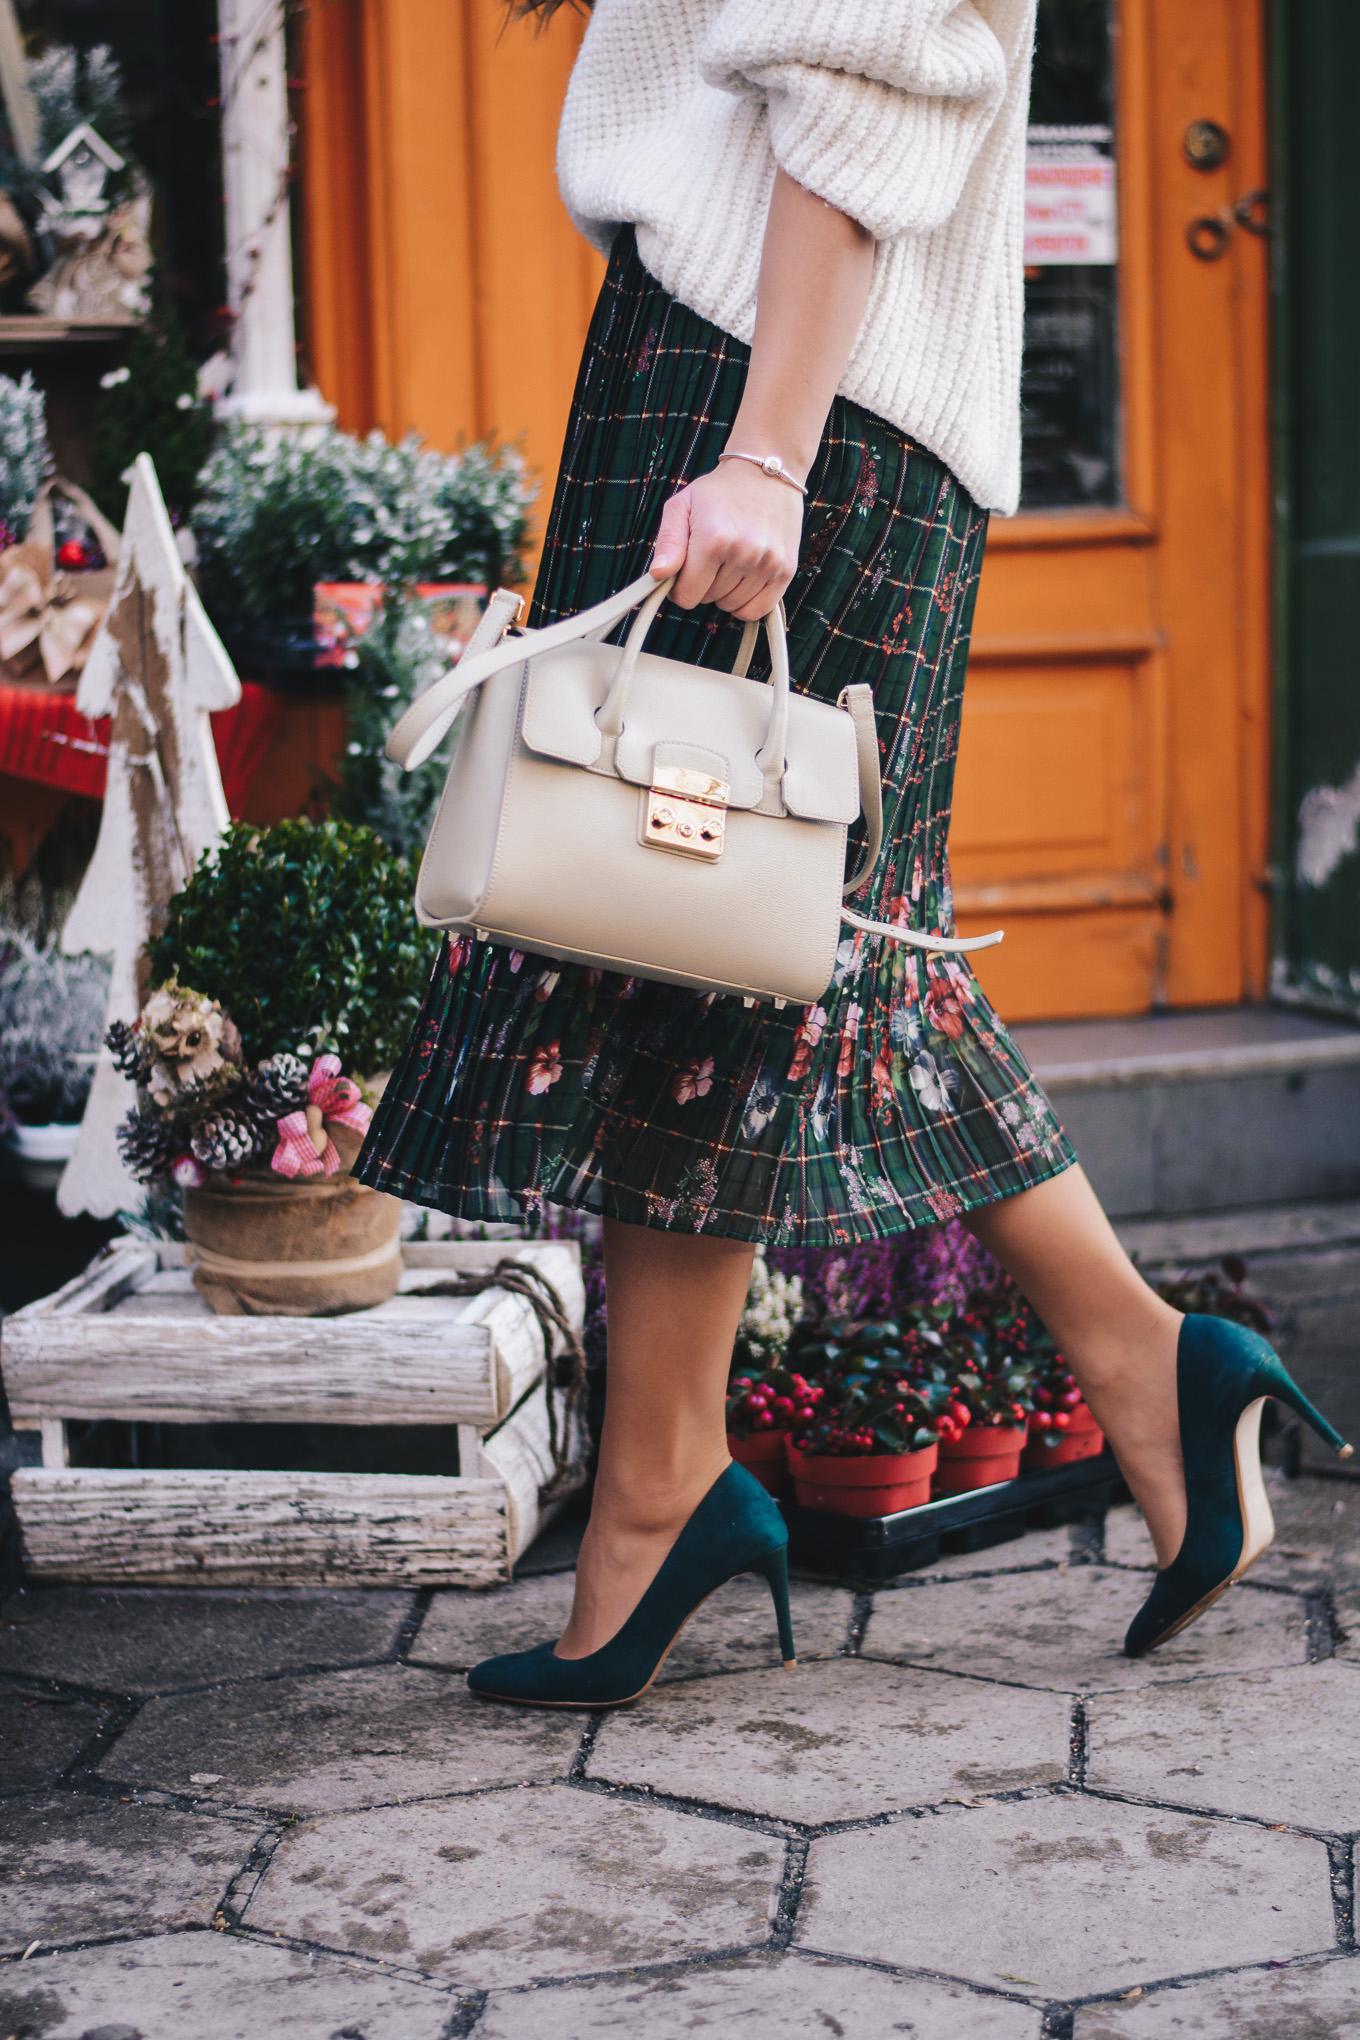 Furla metropolis handbag